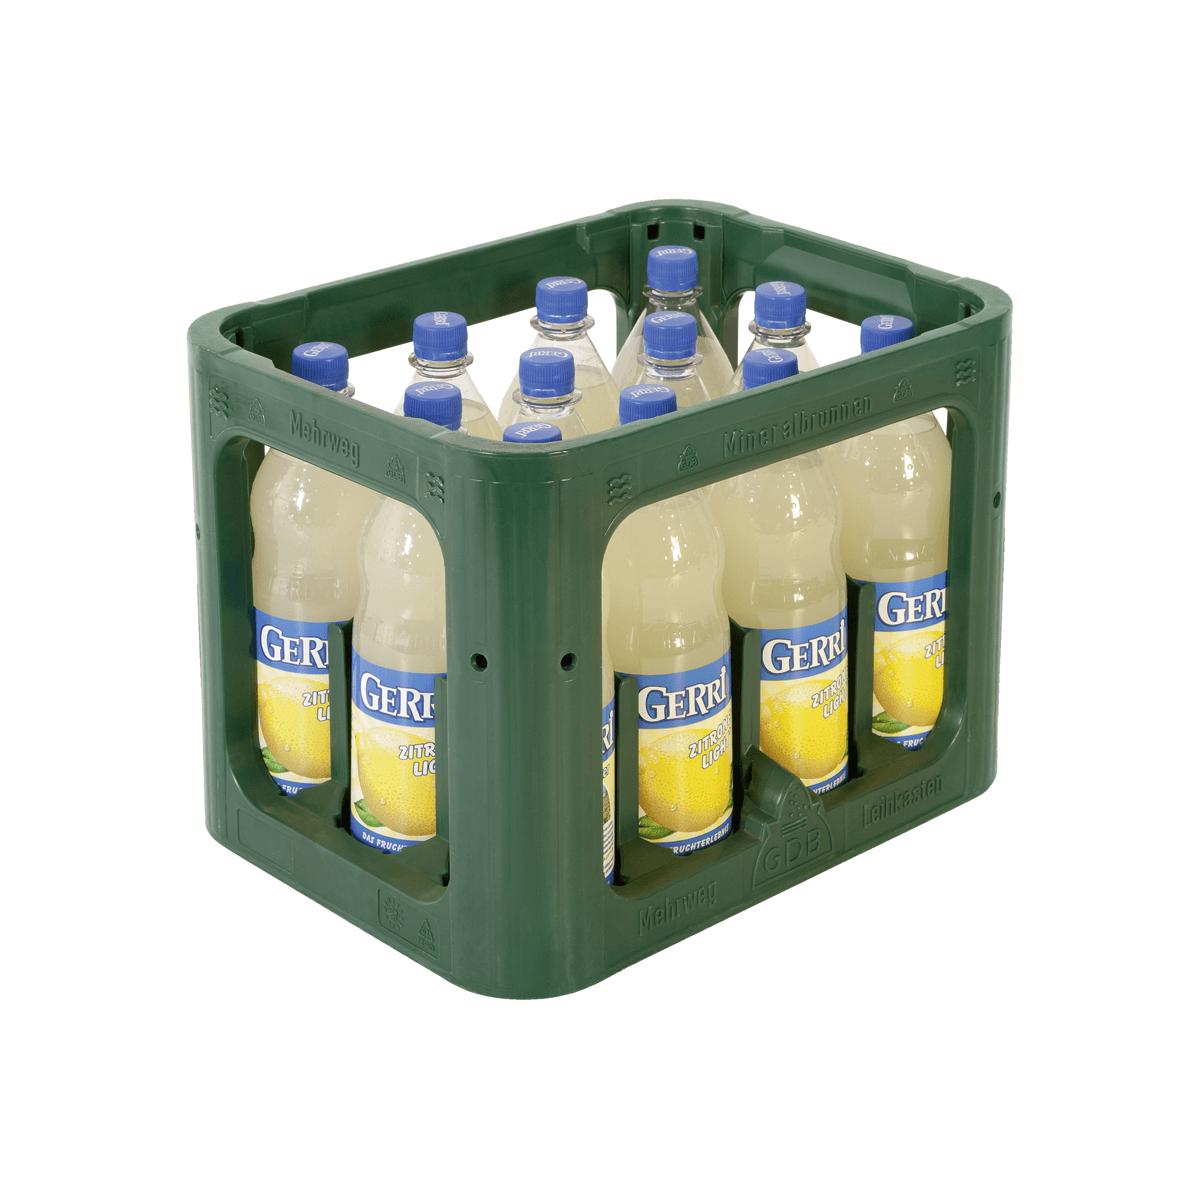 Cola, Limonaden & Co | Alkoholfreie Getränke | Sortiment | Trinkgut